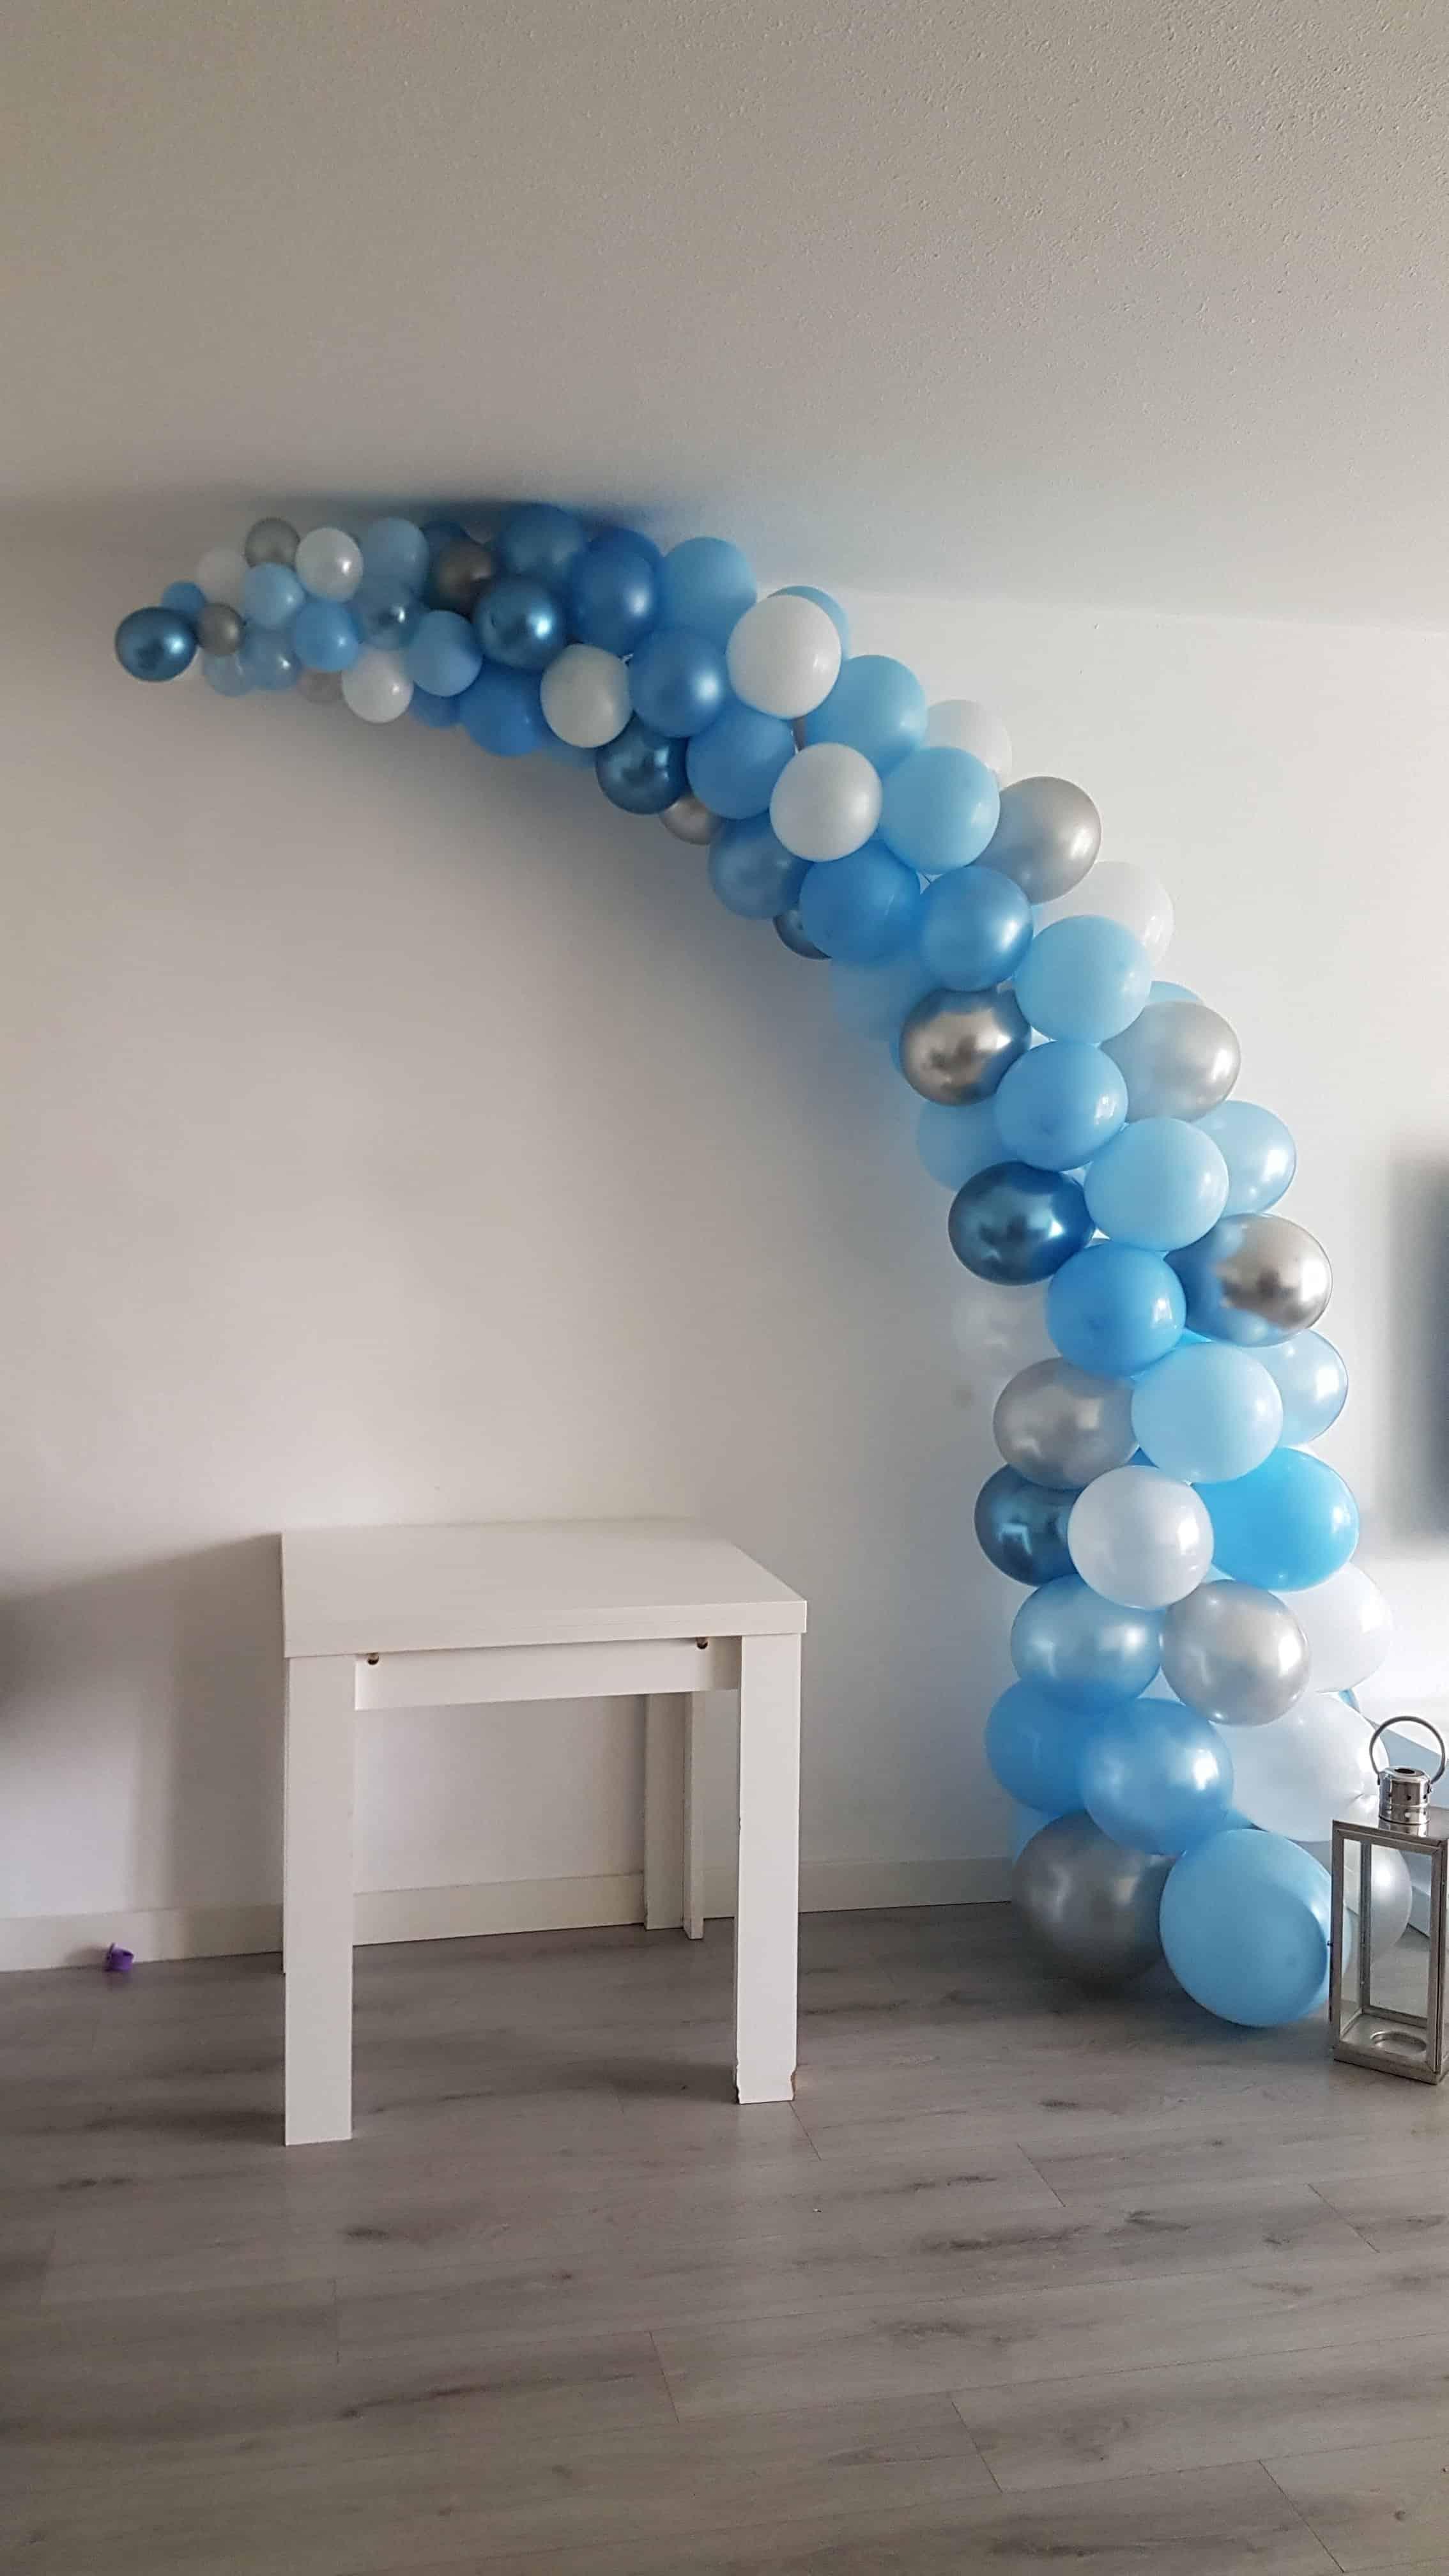 20190928 110845557121516723348940 - Verjaardag met versierde ballonwand